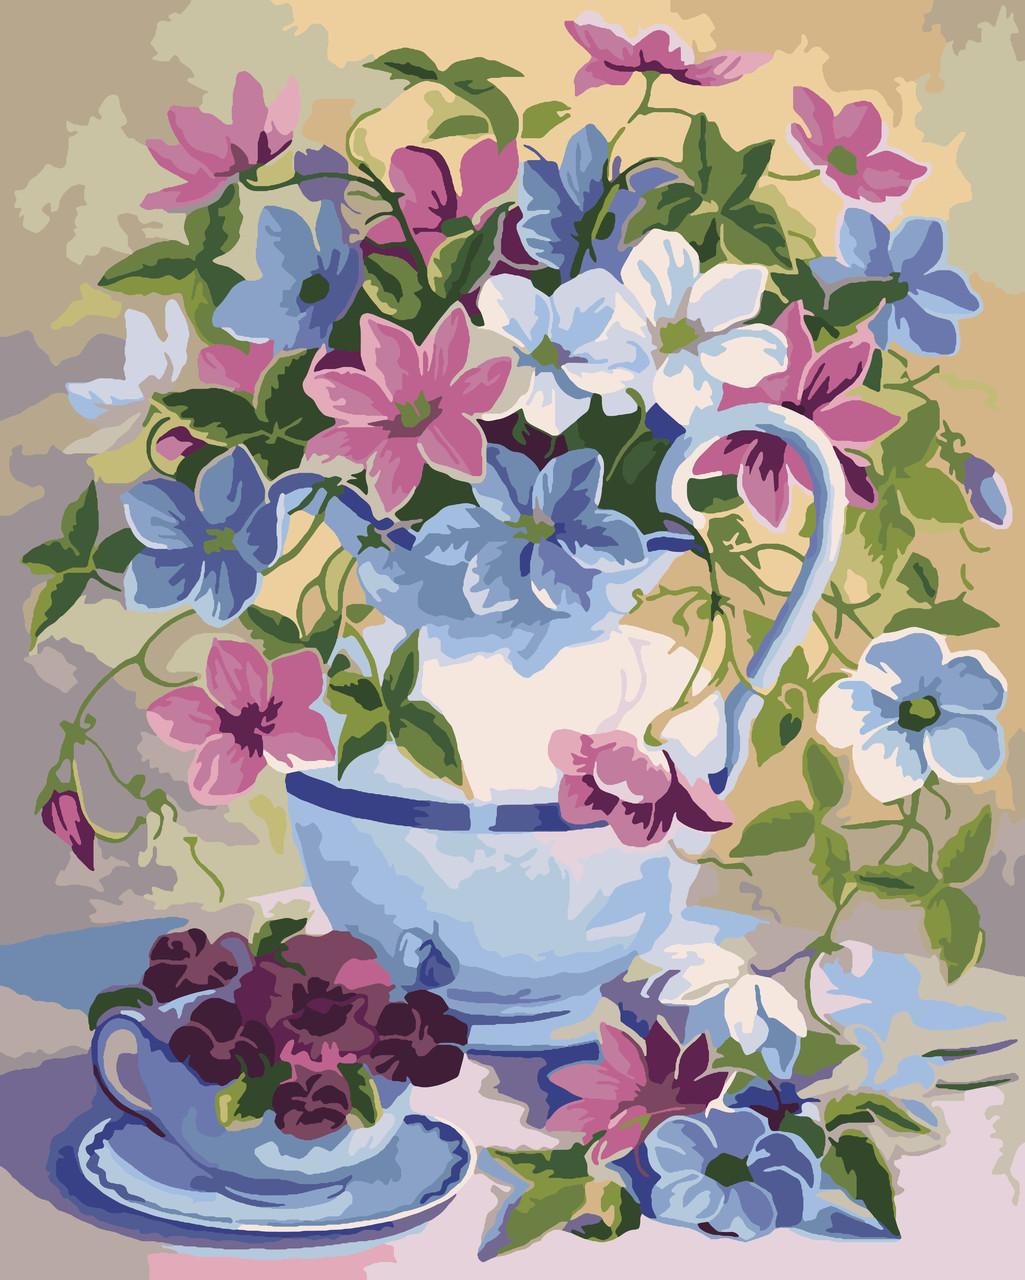 Картина по номерам Идейка КНО2049 Цветочная поэзия 40х50см ідейка картины Цветы, фрукты, натюрморты, еда